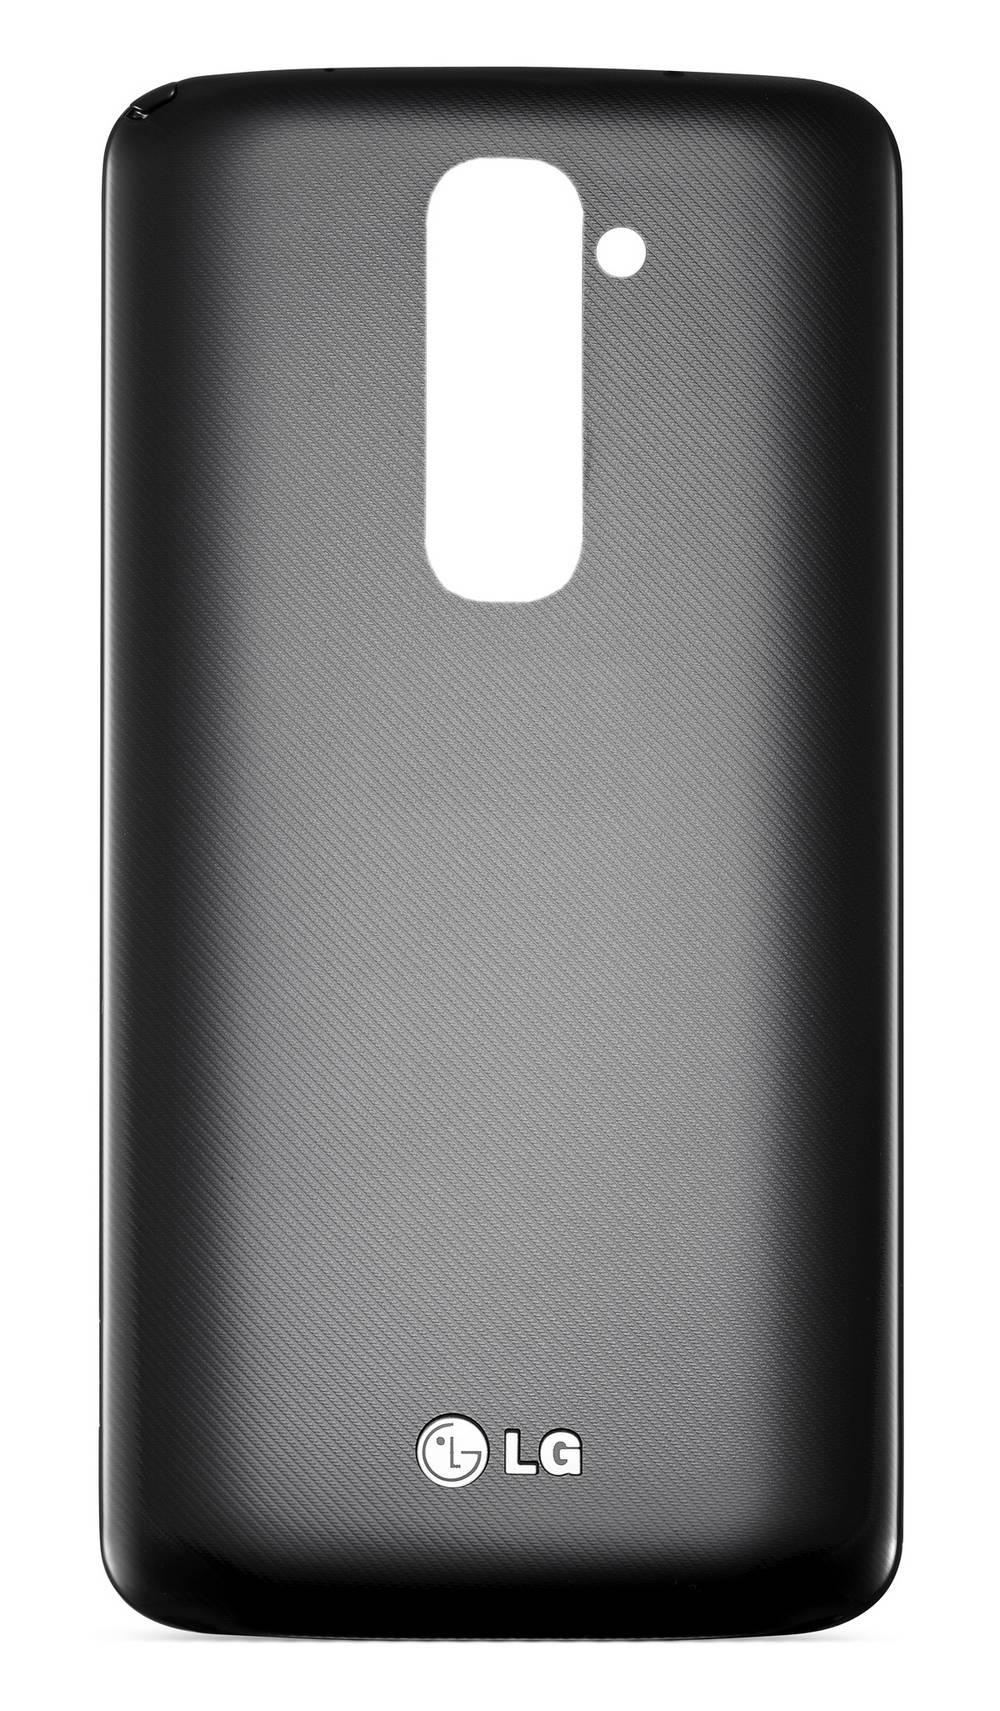 Καπάκι Μπαταρίας LG G2 D802 Μαύρο με Κεραία NFC Original